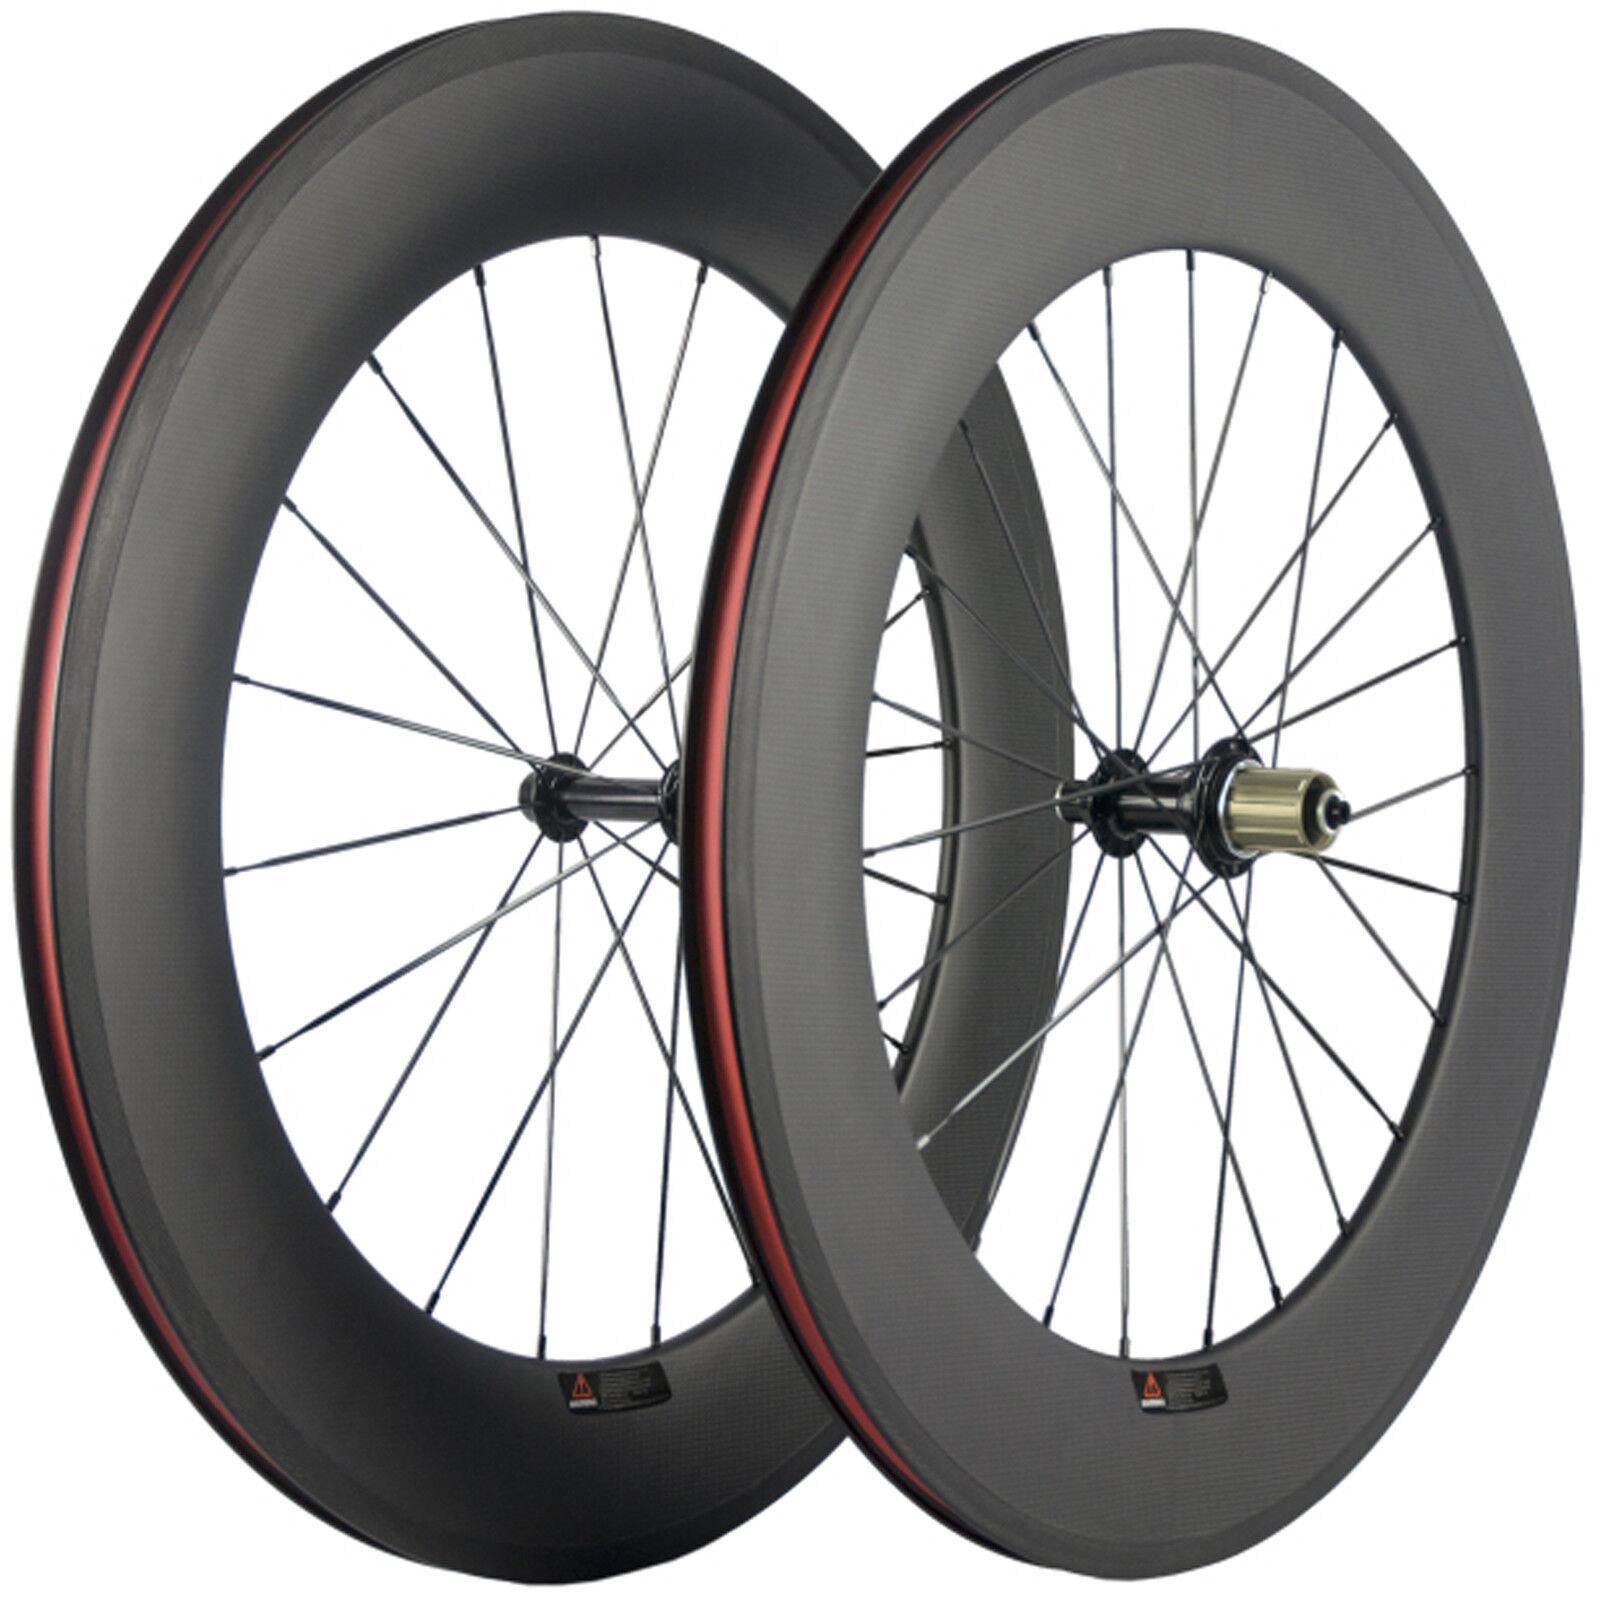 88mm Drahtreifen Fahrradreifen Rennrad Fahrrad Laufradsatz 700C Shimano8  9 10 11  guaranteed